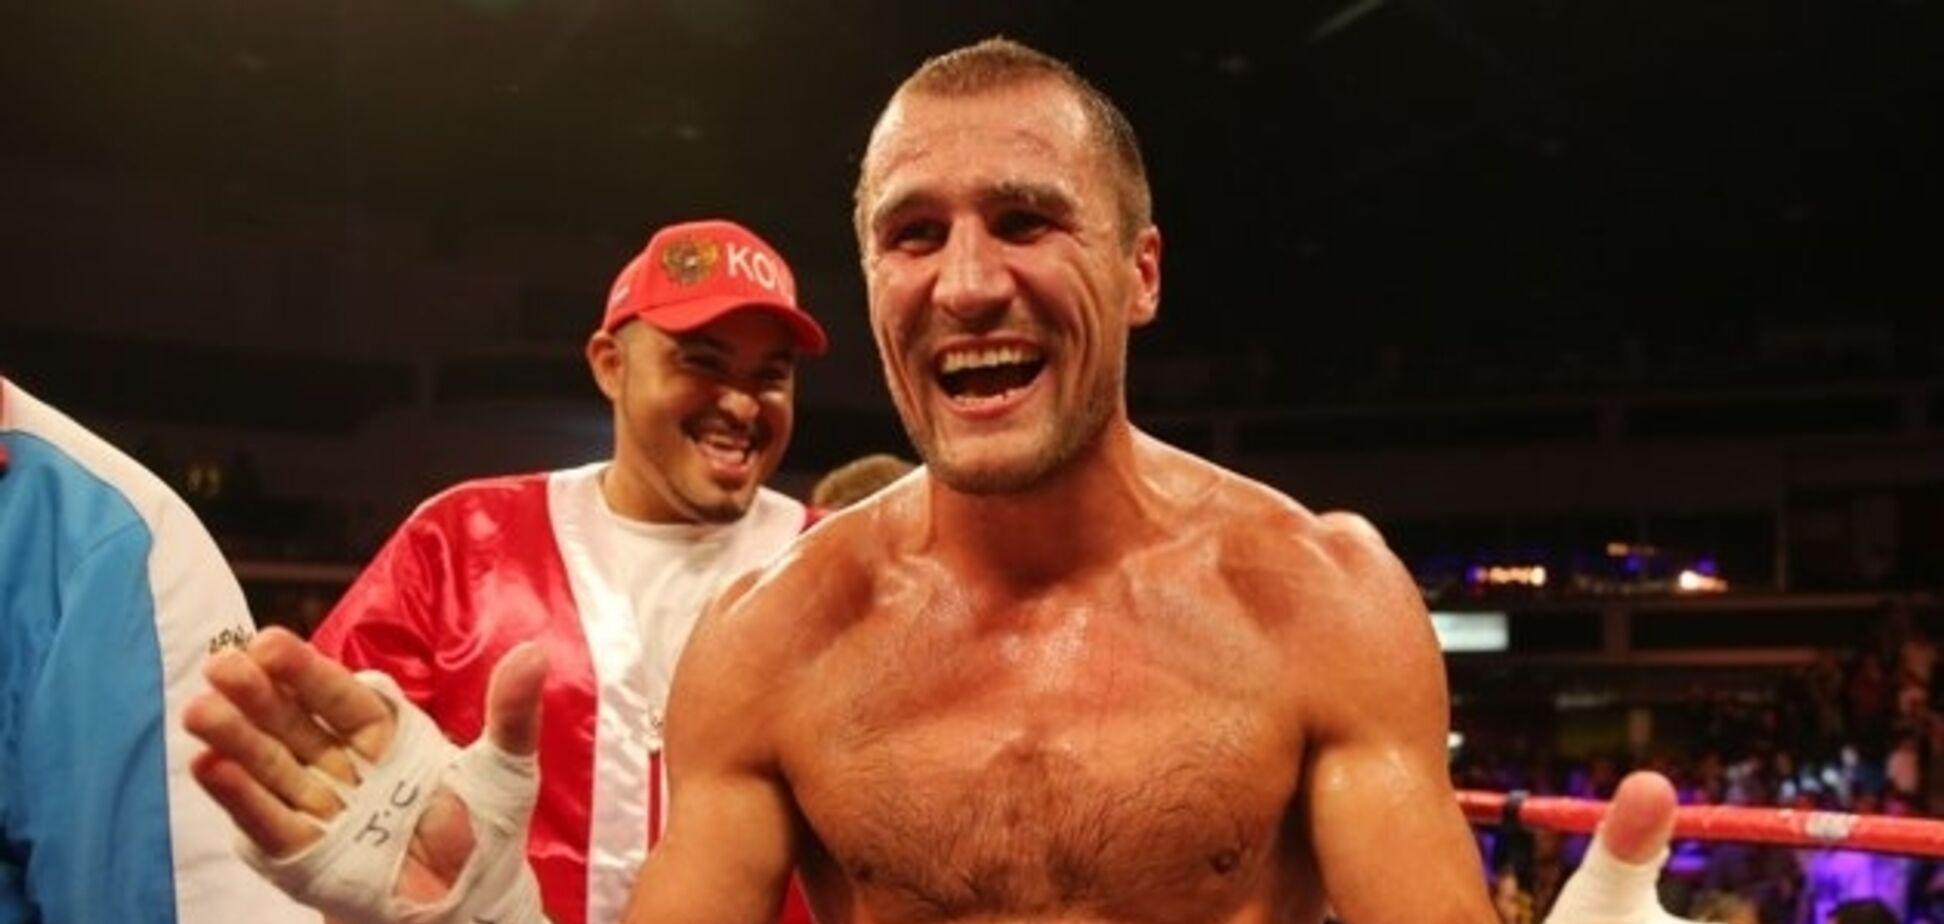 Домогался в самолете: лучший боксер России угодил в новый скандал